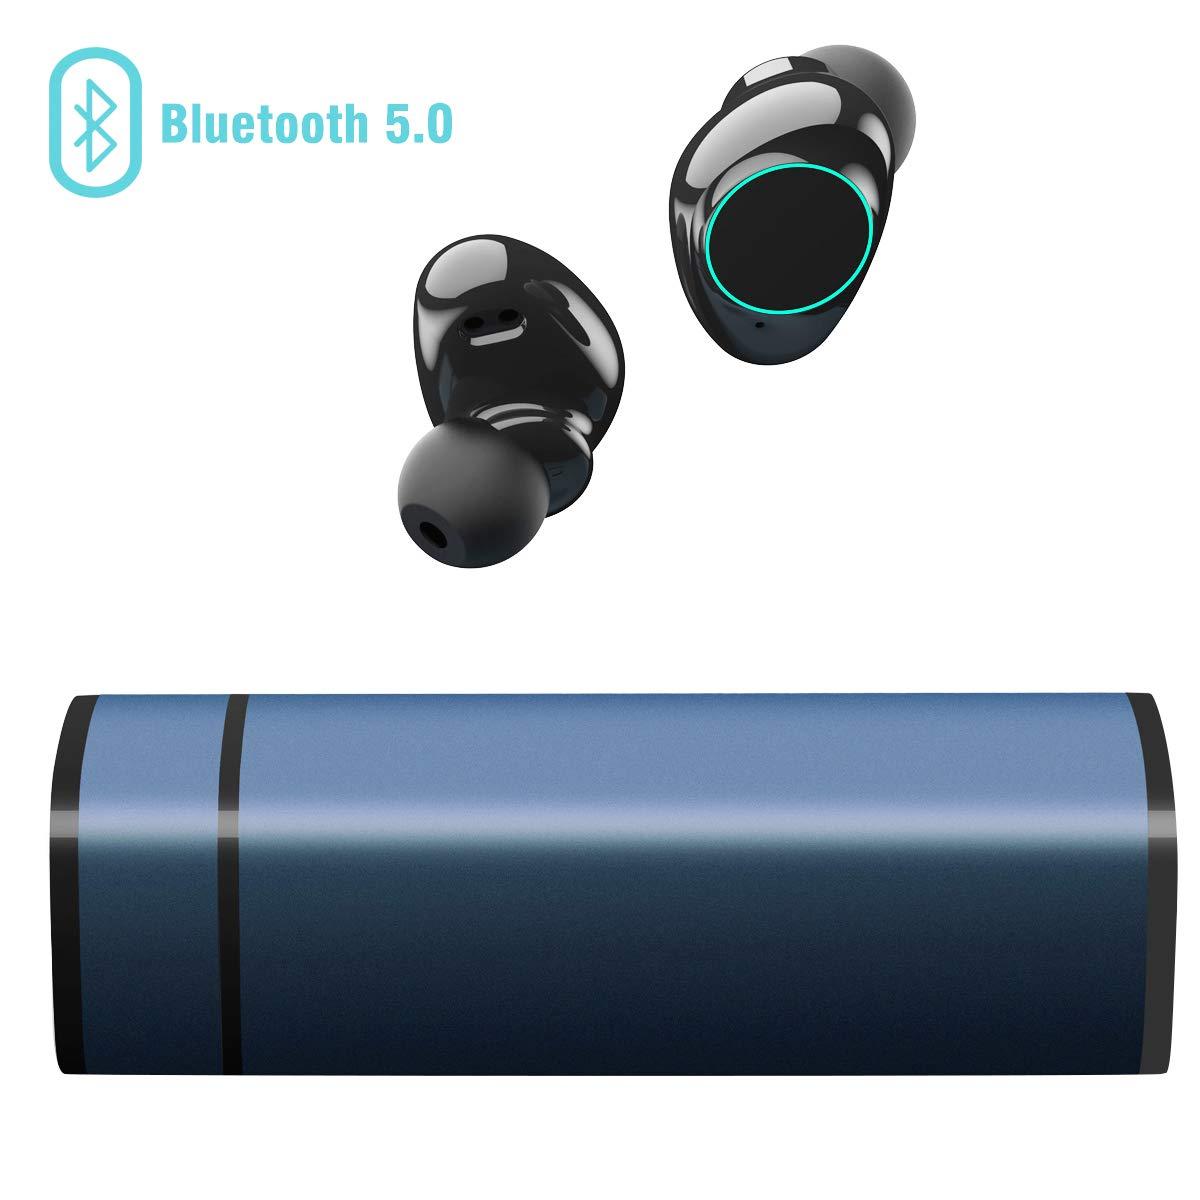 /Écouteurs Bluetooth 5.0 Oreillette Bluetooth sans Fil Muzili Ultra-l/éger Casques d/Écoute Anti-Bruit /Écouteurs Sport IP65 /Écouteurs /Étanche St/ér/éo avec Micro pour iPhone et Android